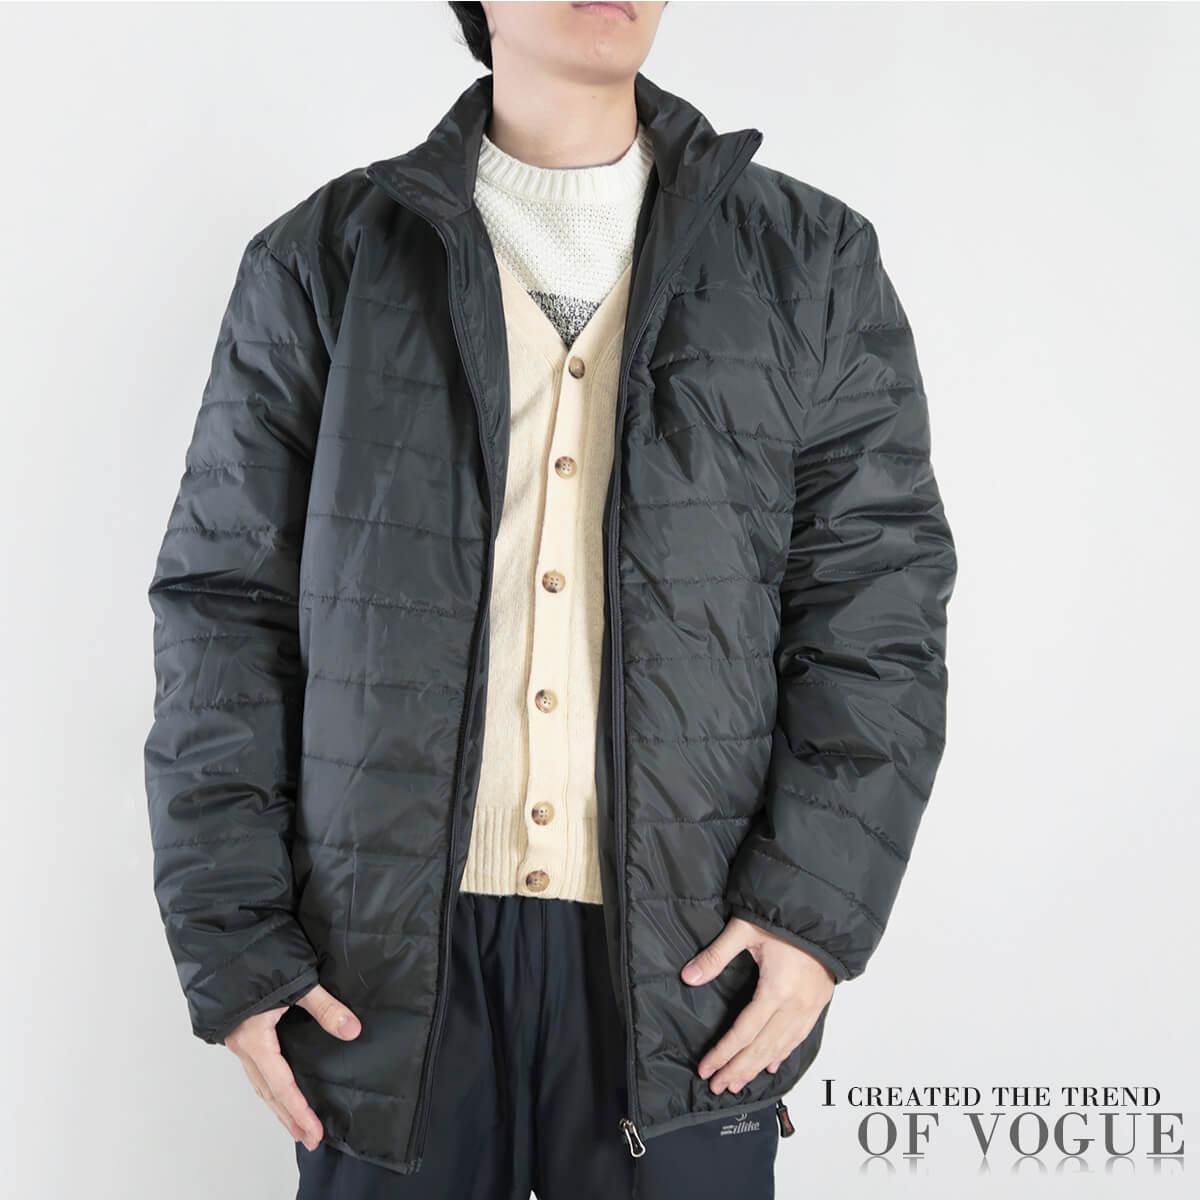 加大尺碼超輕量立領舖棉保暖外套 大尺碼夾克外套 大尺碼騎士外套 大尺碼防寒外套 大尺碼擋風外套 大尺碼休閒外套 鋪棉外套 藍色外套 黑色外套 (321-A831-08)深藍色、(321-A831-21)黑色、、(321-A831-22)灰色、(321-A830-22)灰綠色 5L 6L 7L 8L (胸圍:56~62英吋) [實體店面保障] sun-e 6